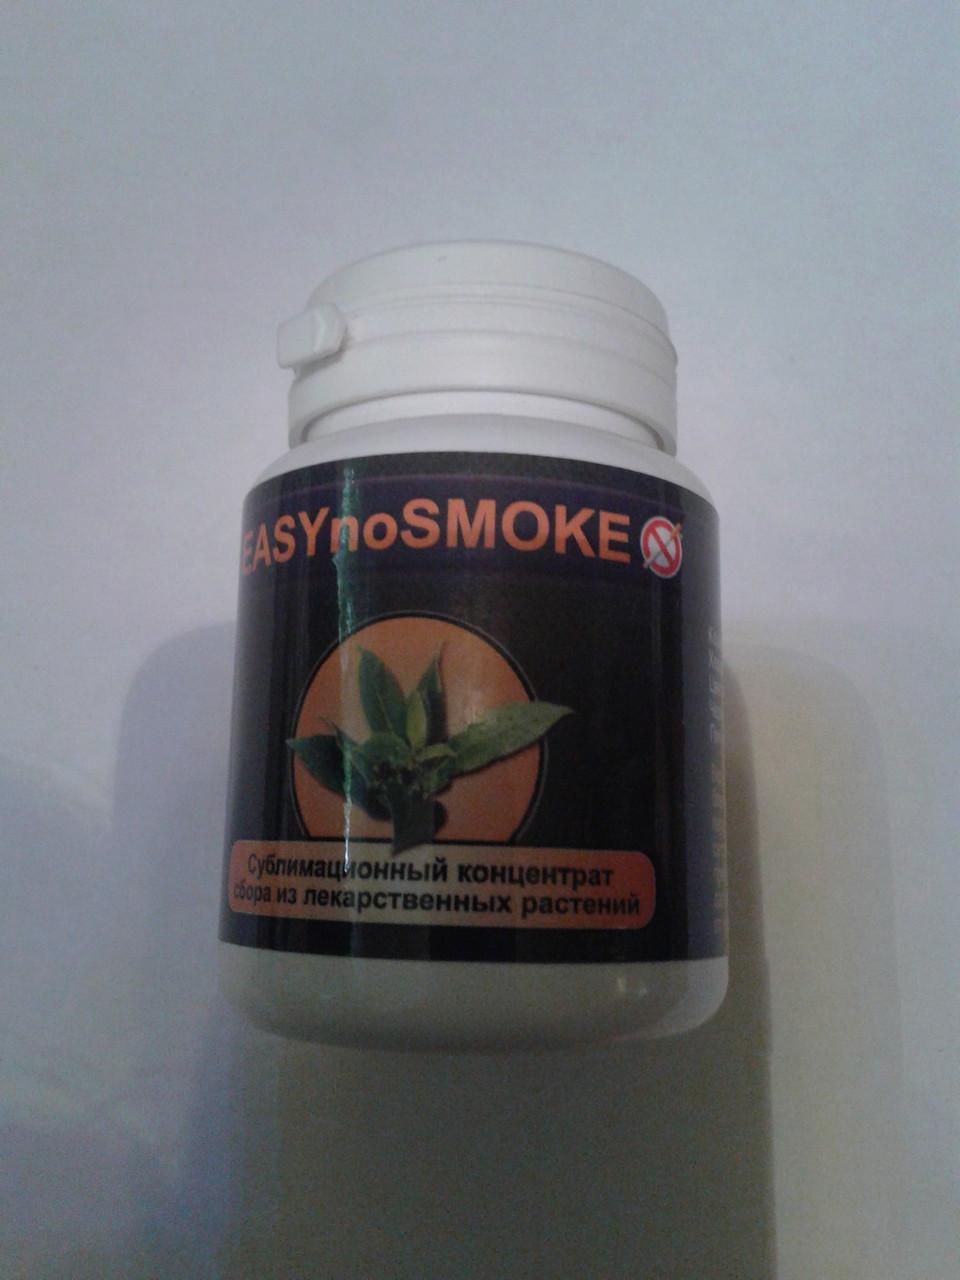 EASYnoSMOKE препарат від куріння